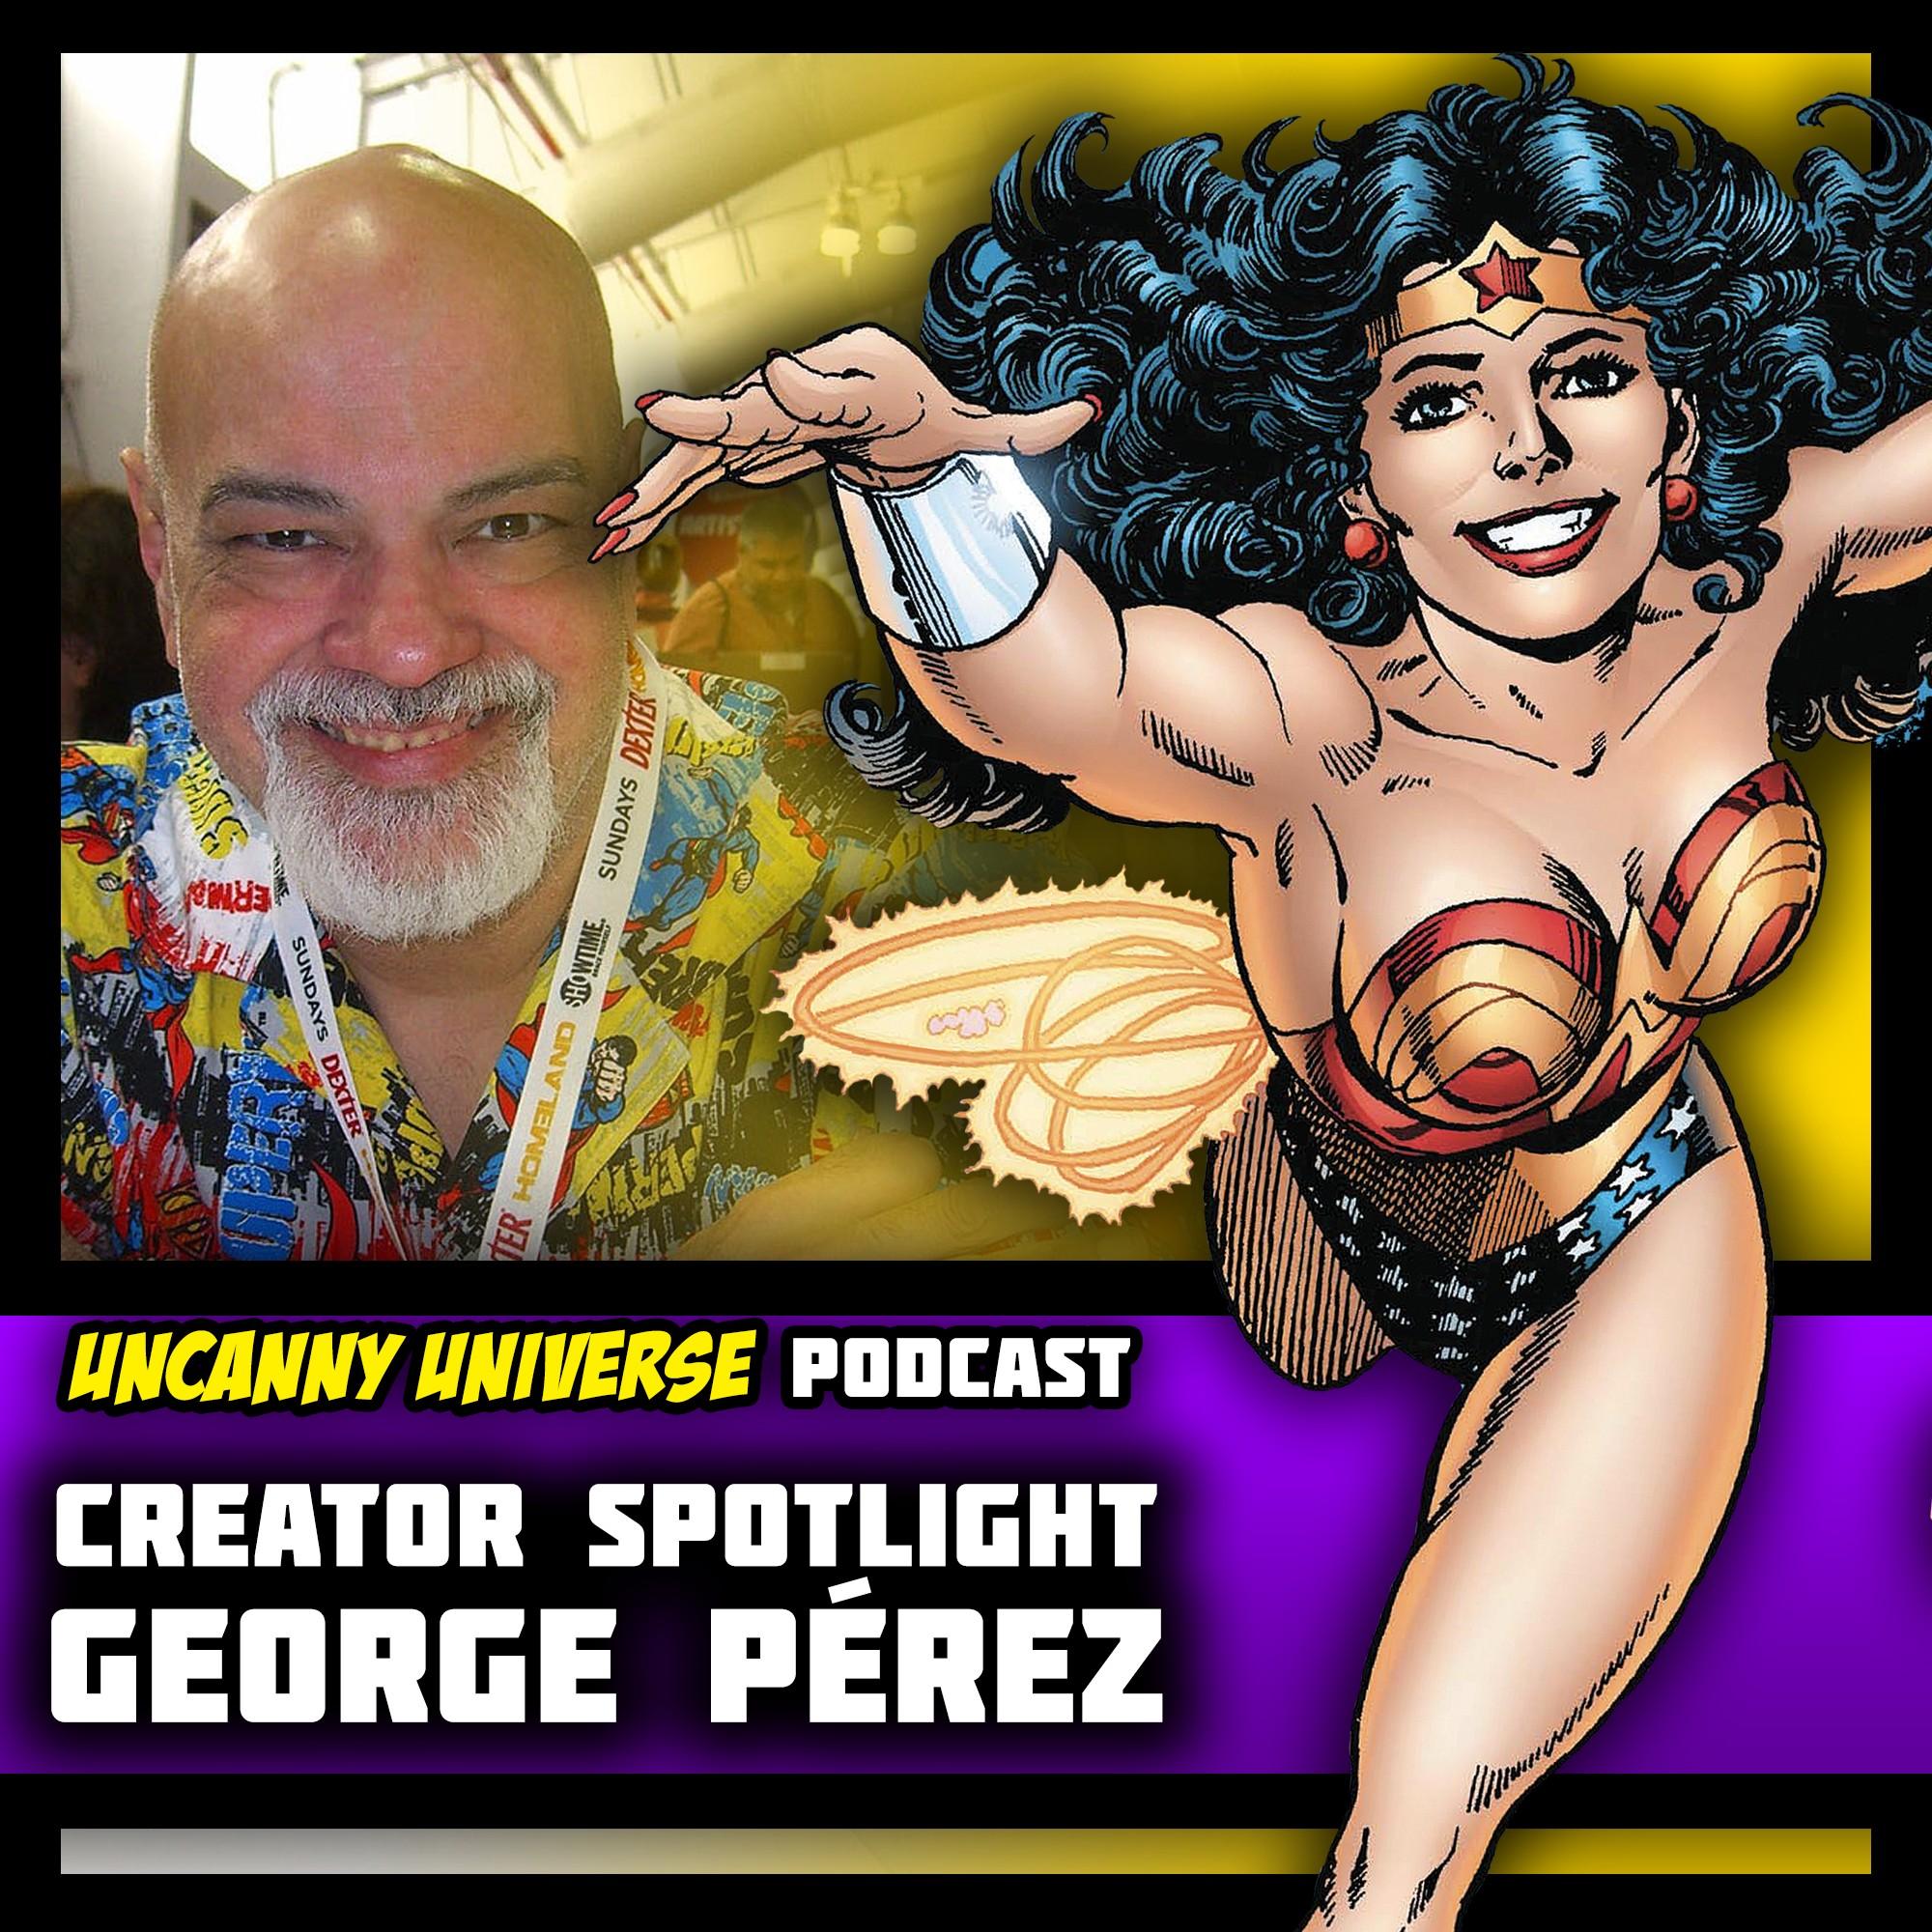 Episode 100 - Creator Spotlight - George Pérez